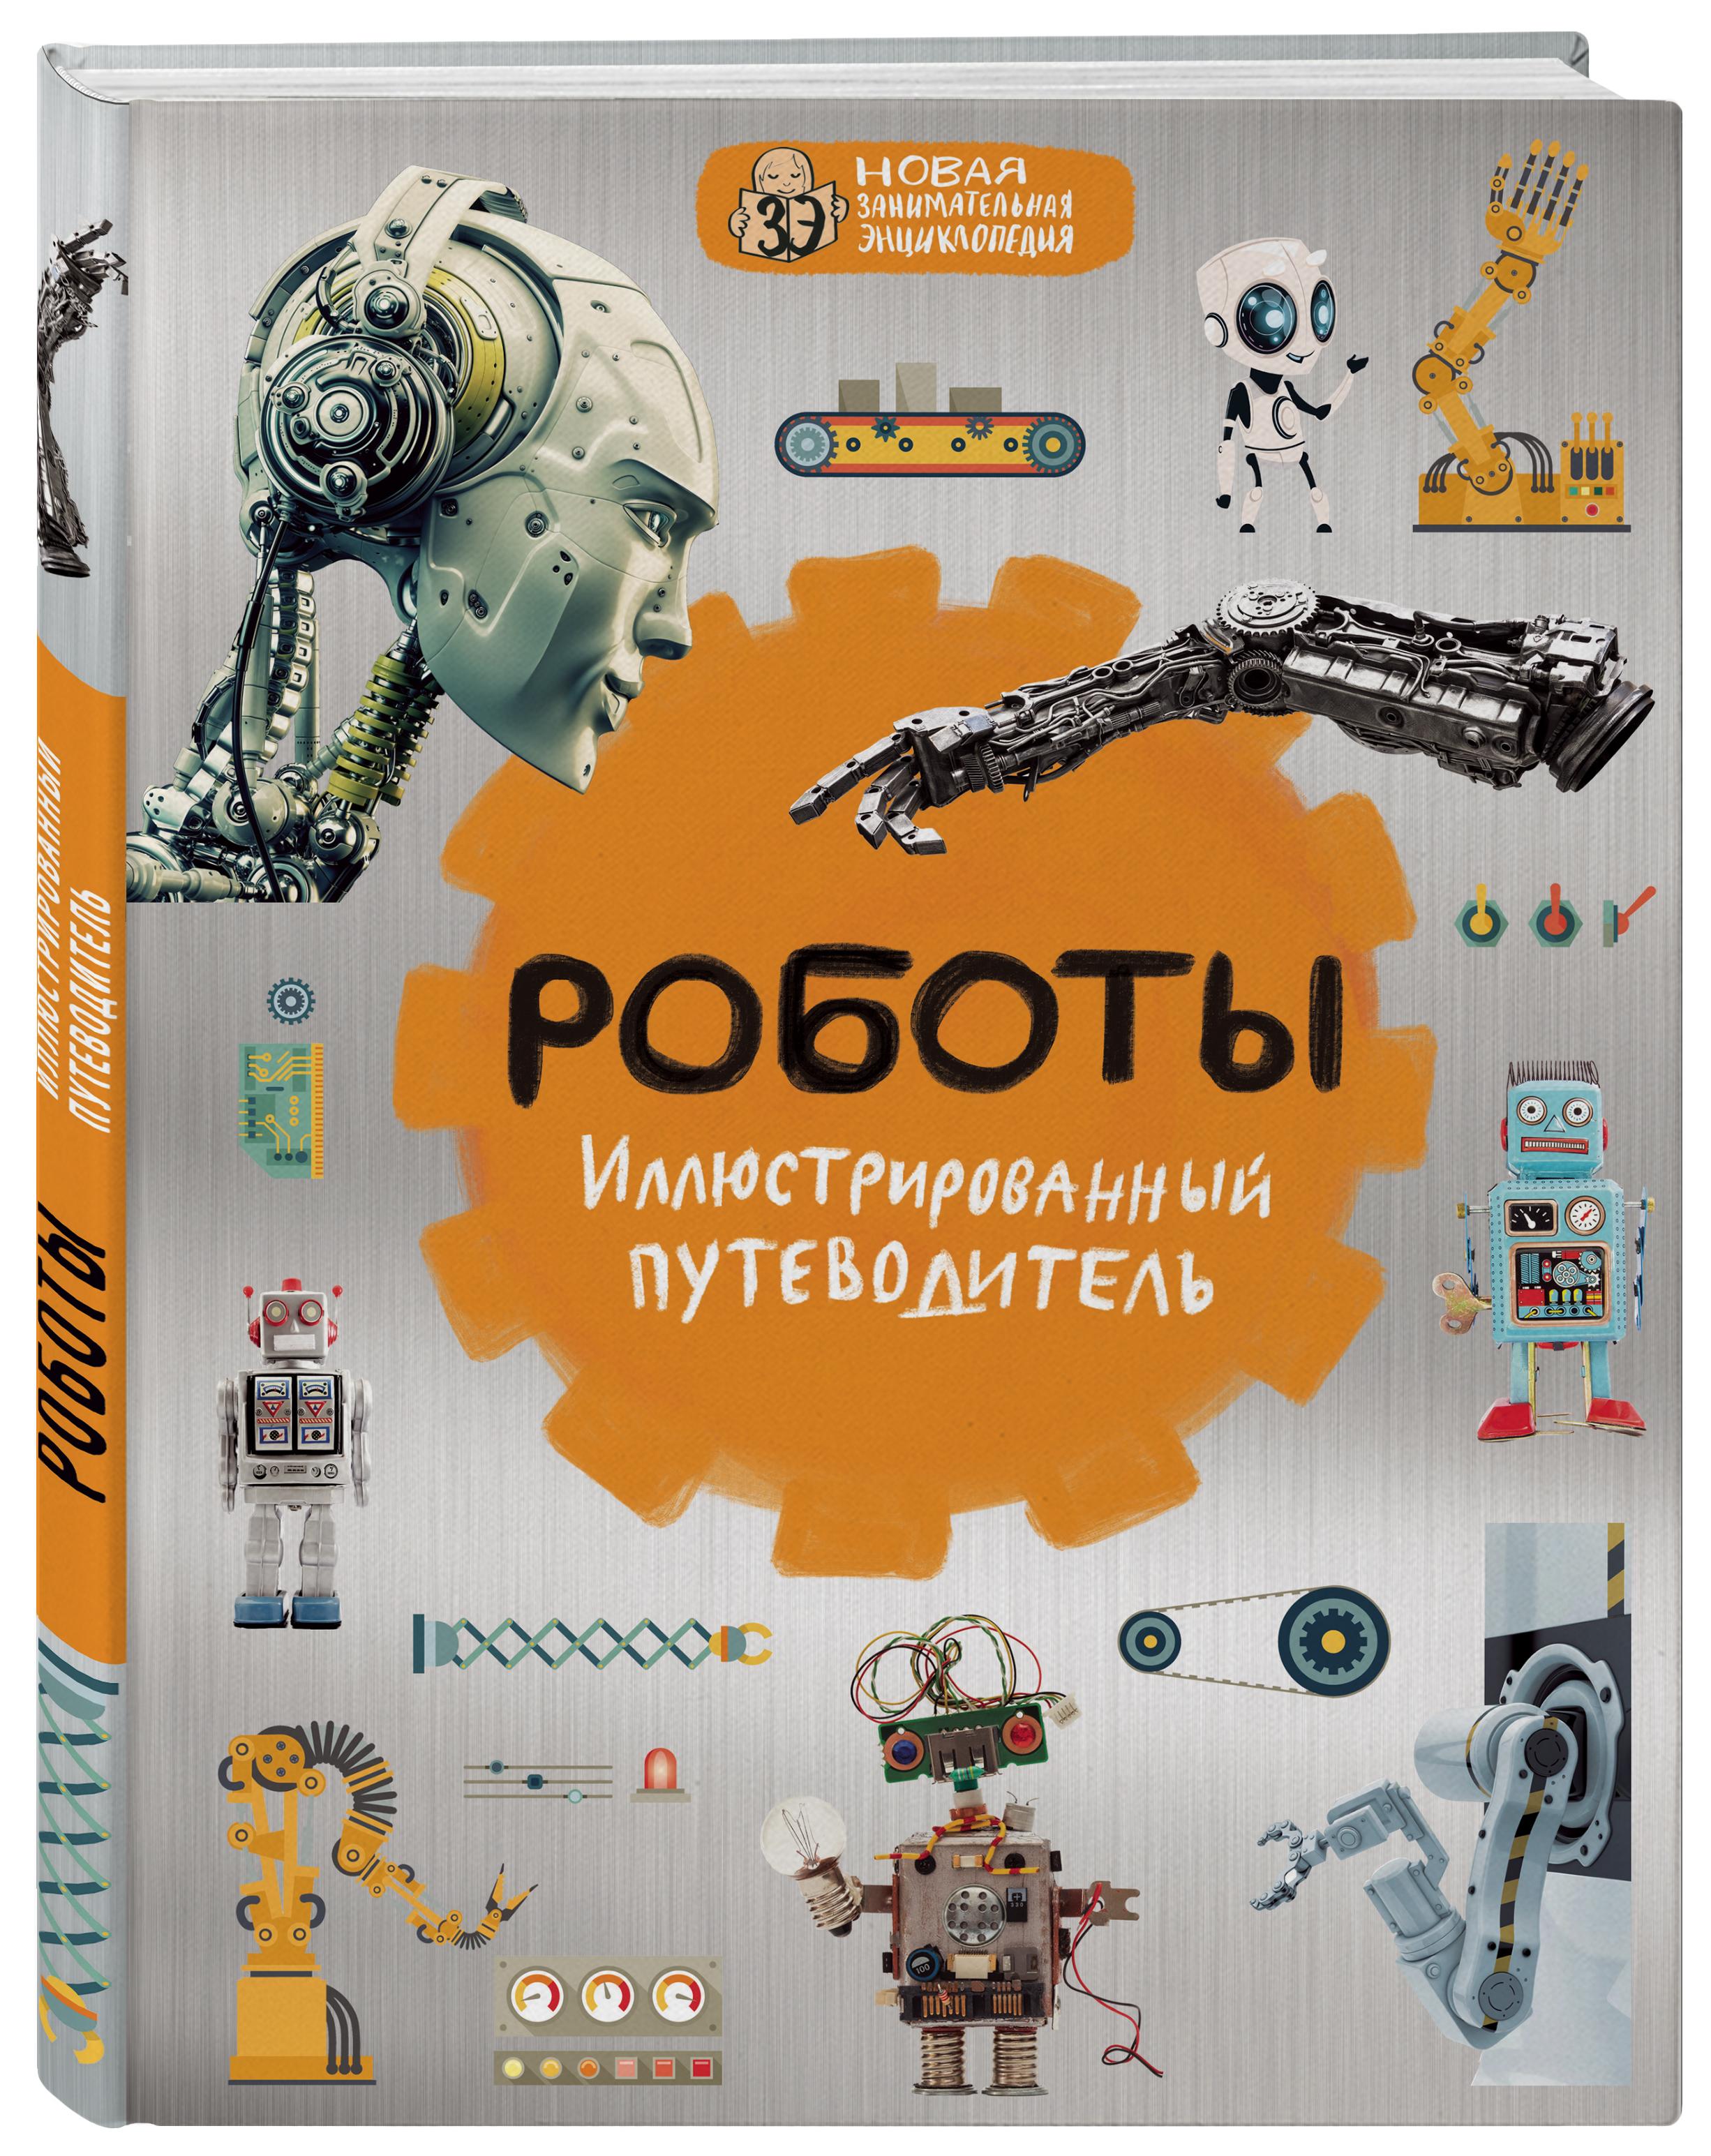 Алексей Никоноров Роботы: иллюстрированный путеводитель